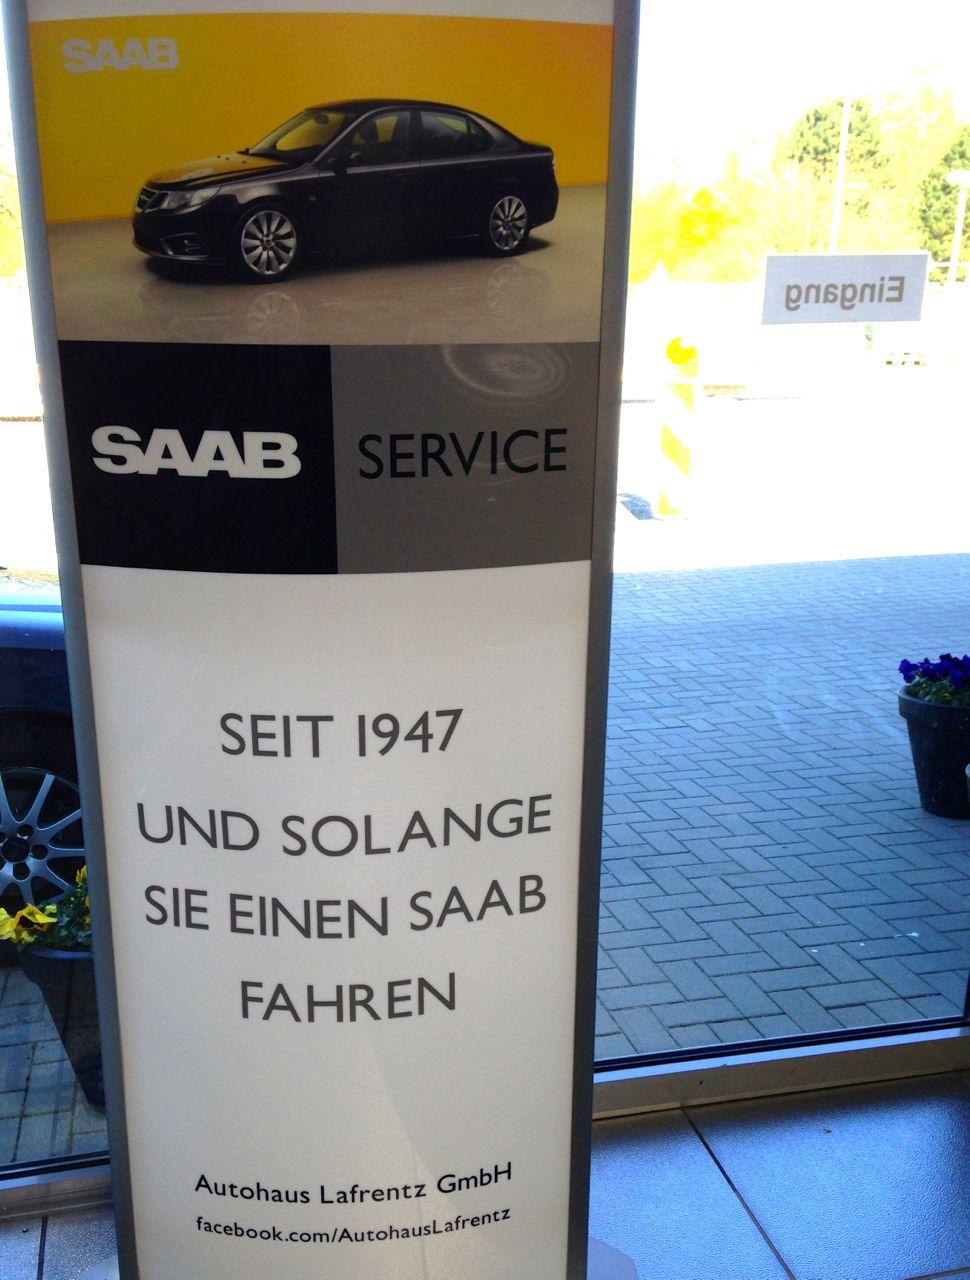 Neue Saab CI, eine Idee fuer andere Saab Partner?